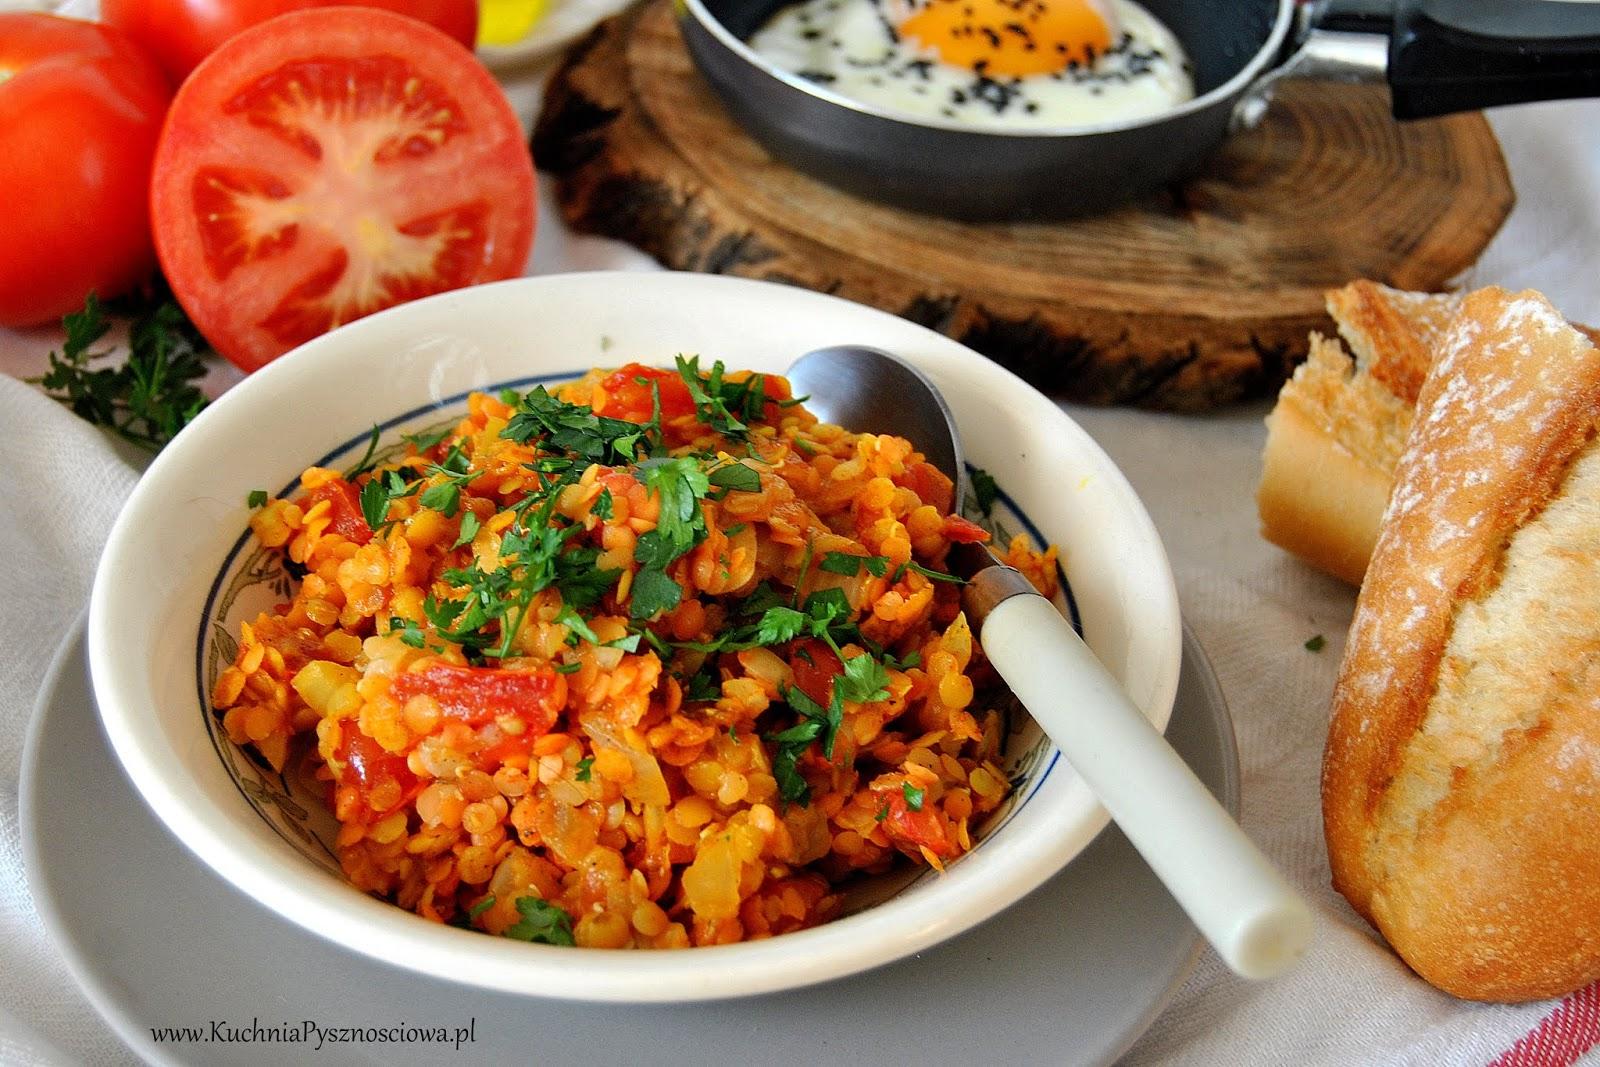 655.Soczewica z pomidorami i jajkiem na śniadanie